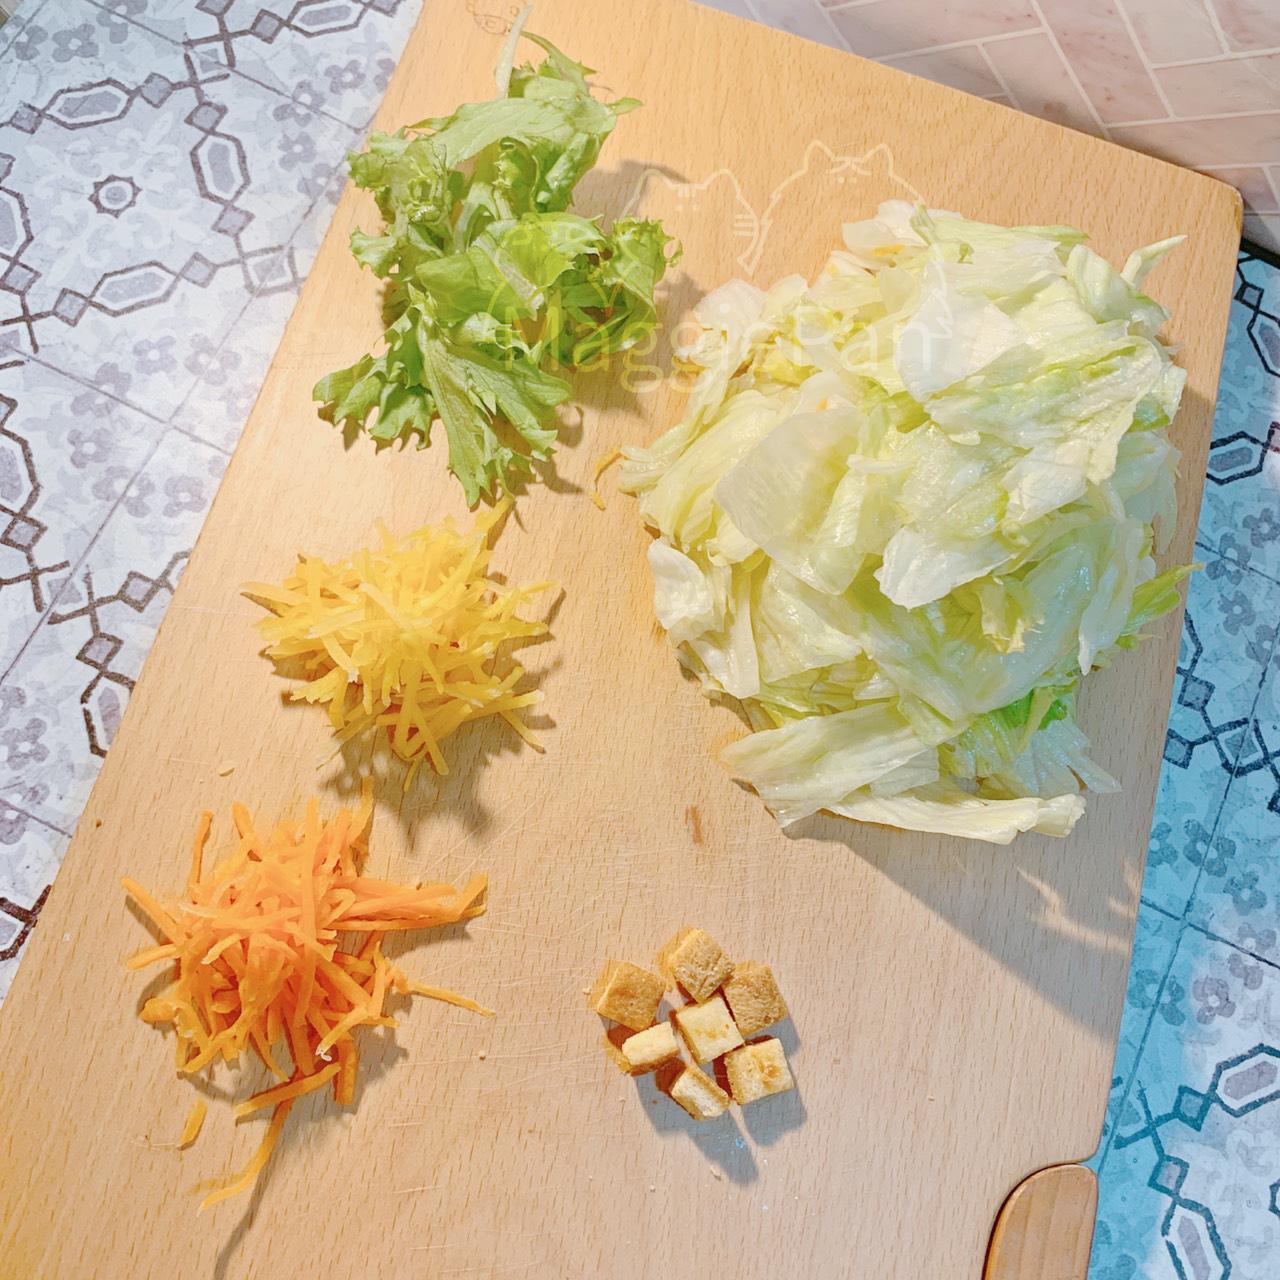 一日野菜-萵苣沙拉 屬裡面的蔬菜們